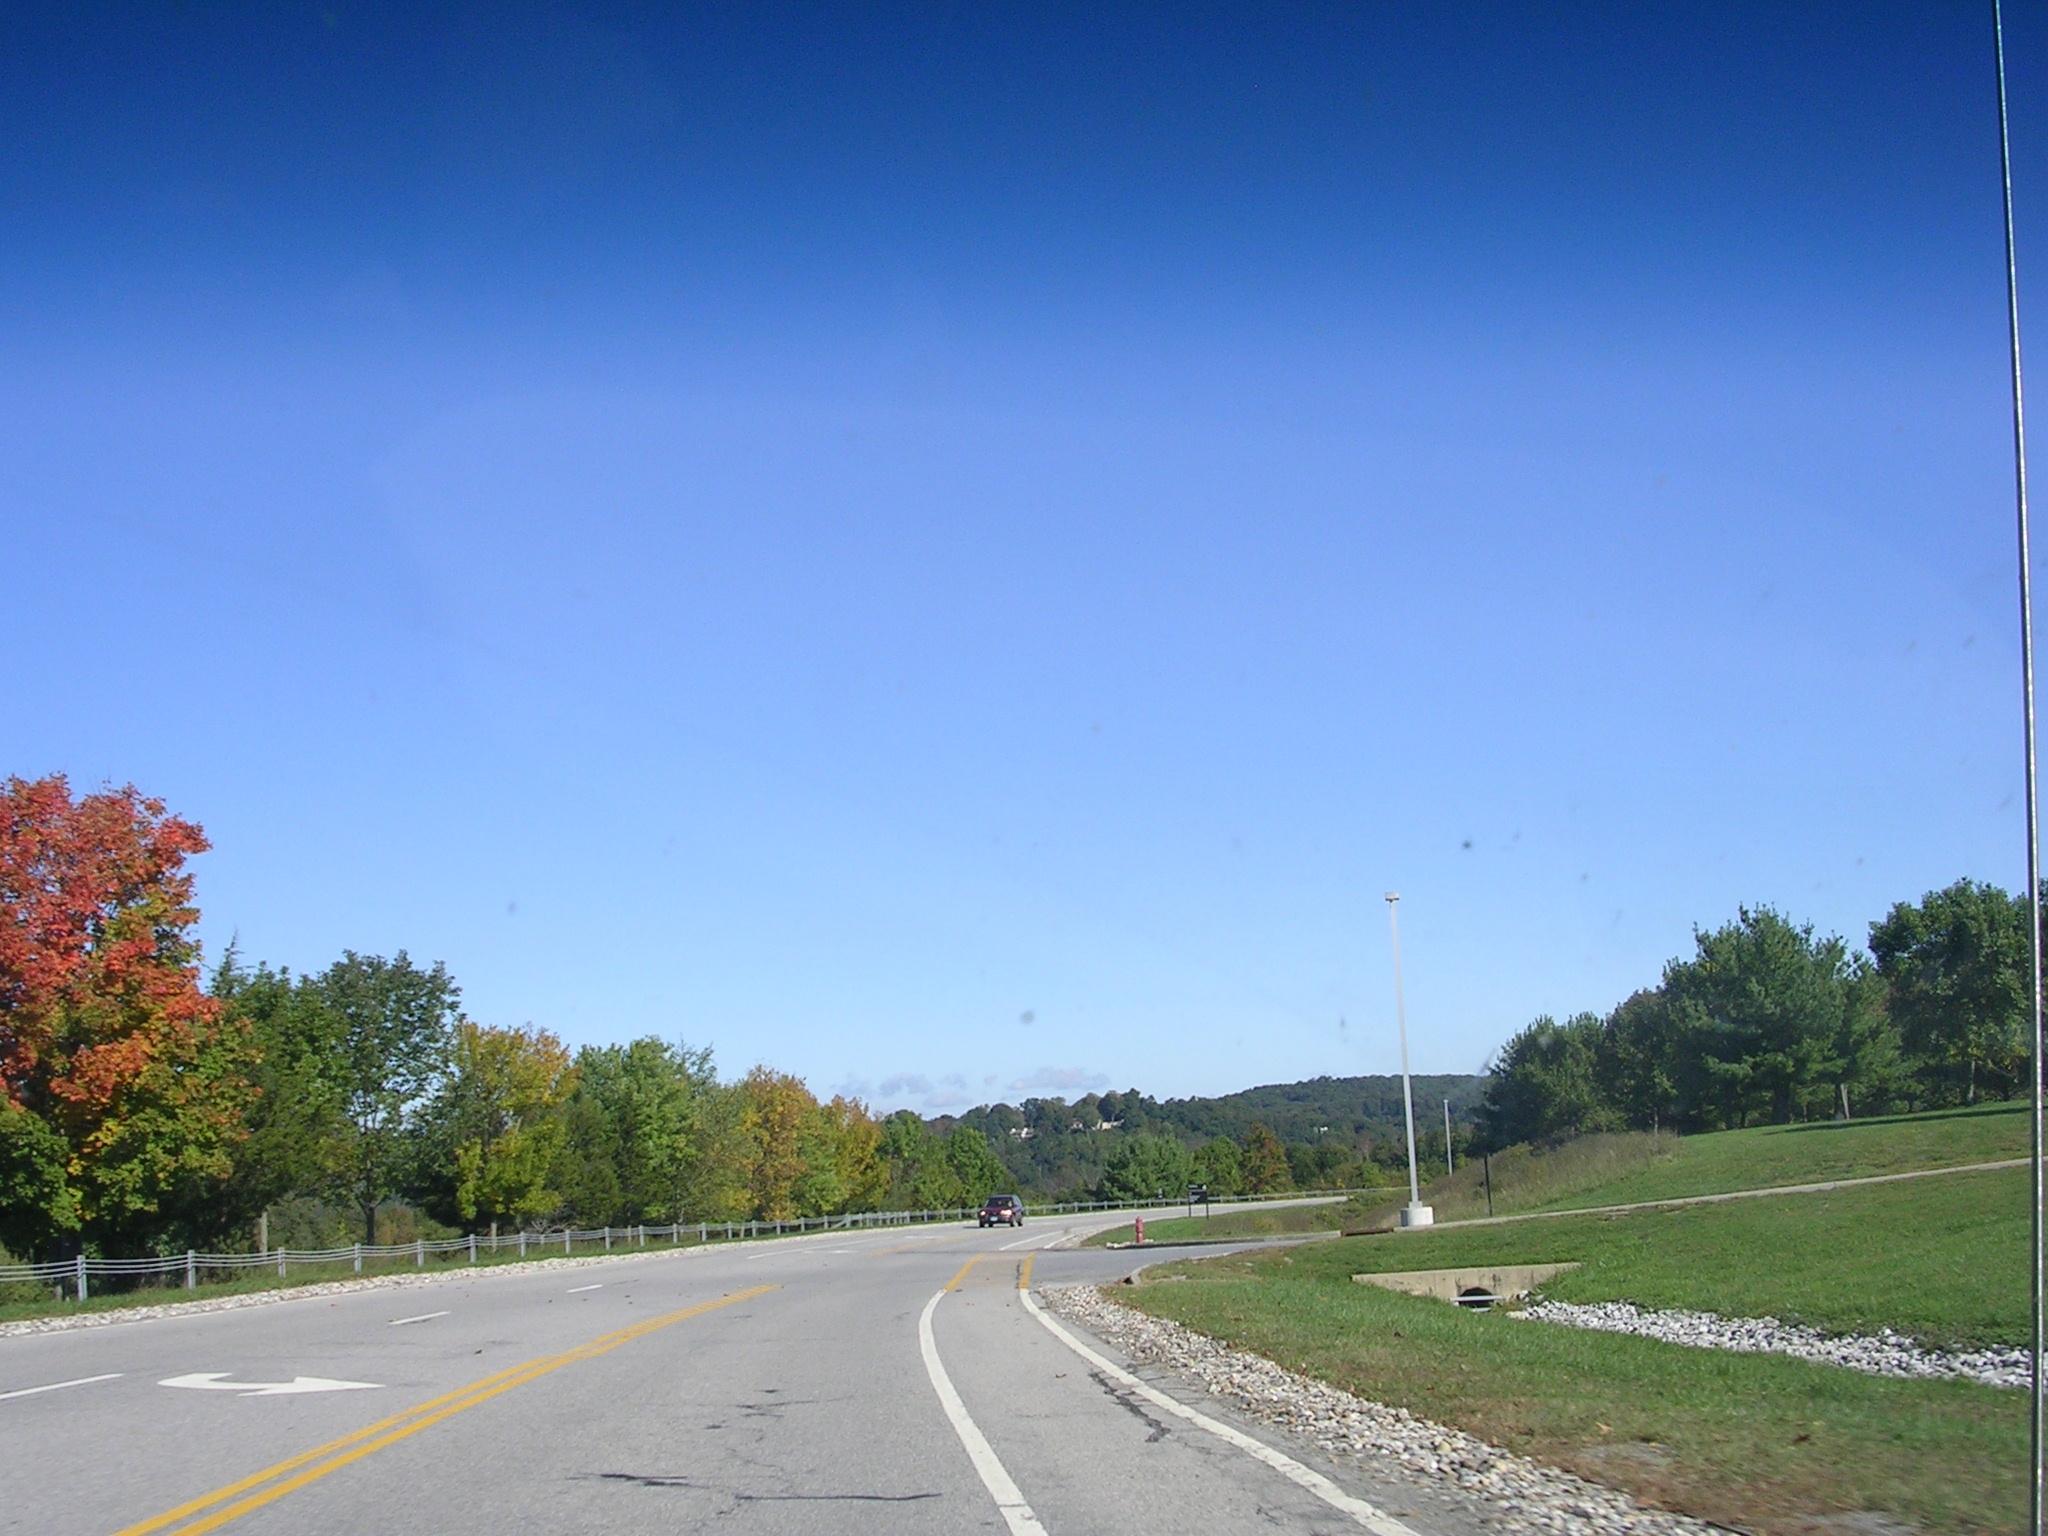 2006-9-26 019.JPG